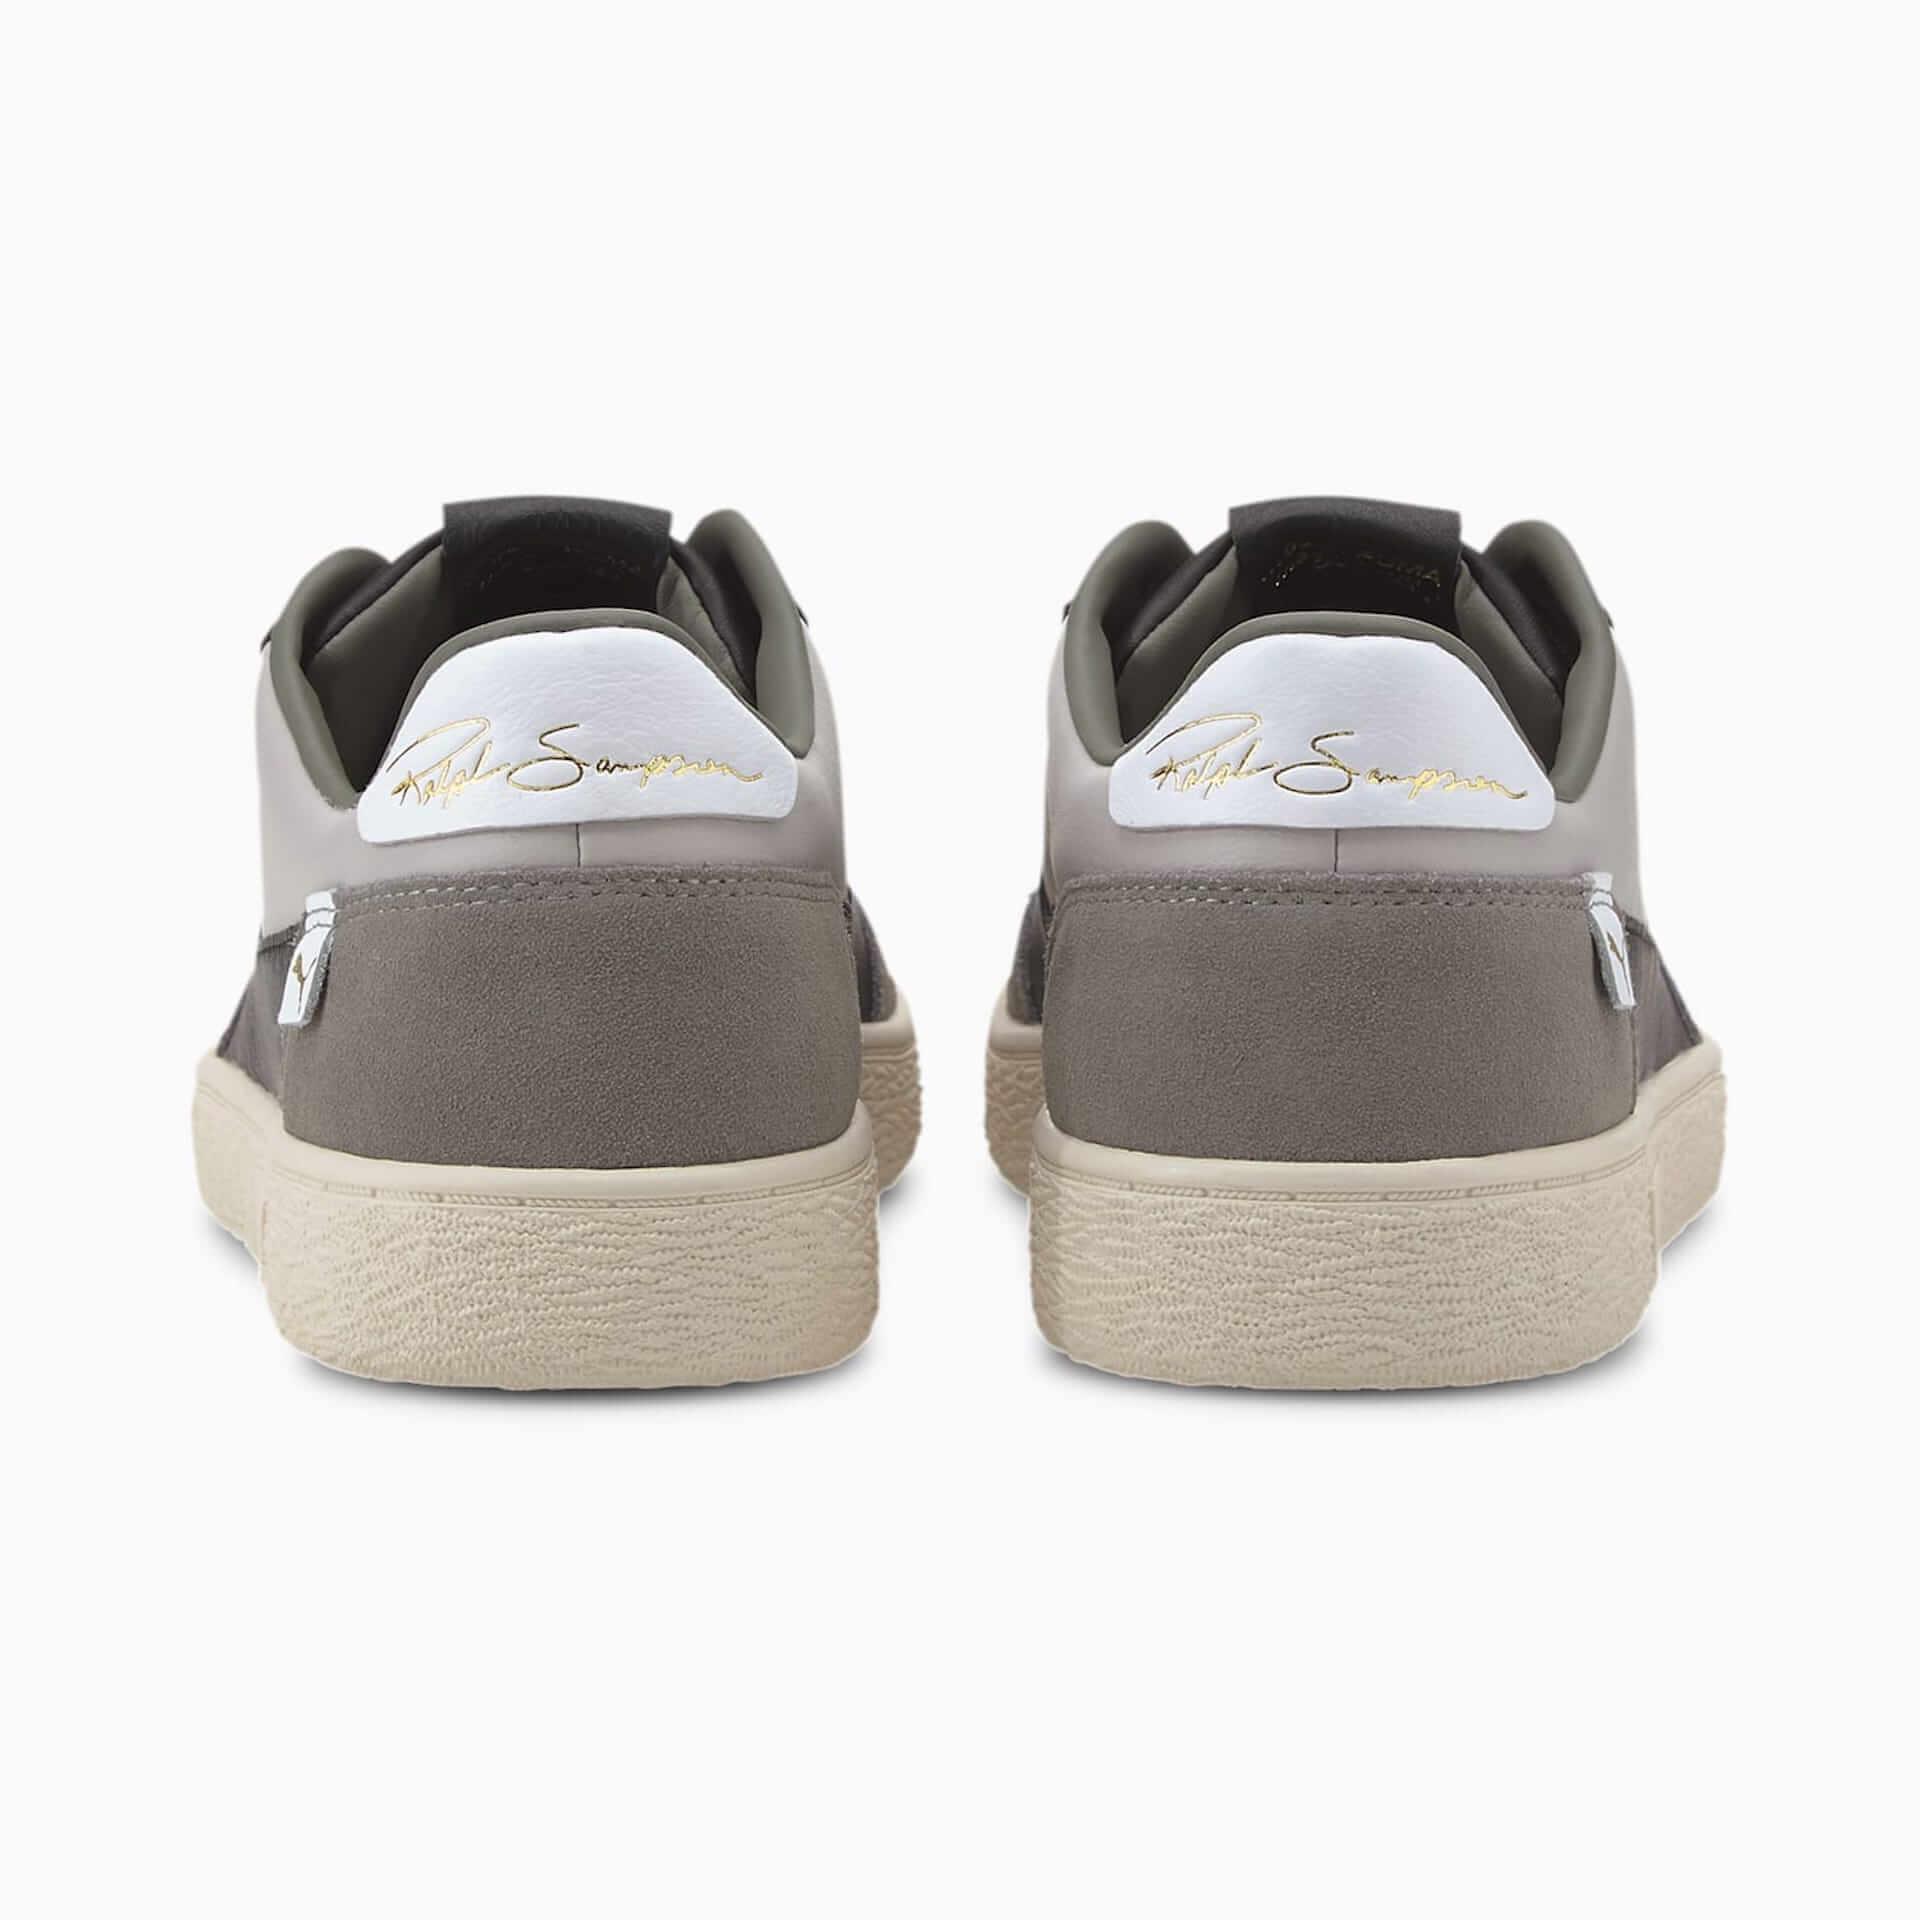 プーマの名作「ラルフ・サンプソン」がリデザインされて20AWに再登場!ソフトな履き心地でヒールにはサインプリントも lf200618_puma_10